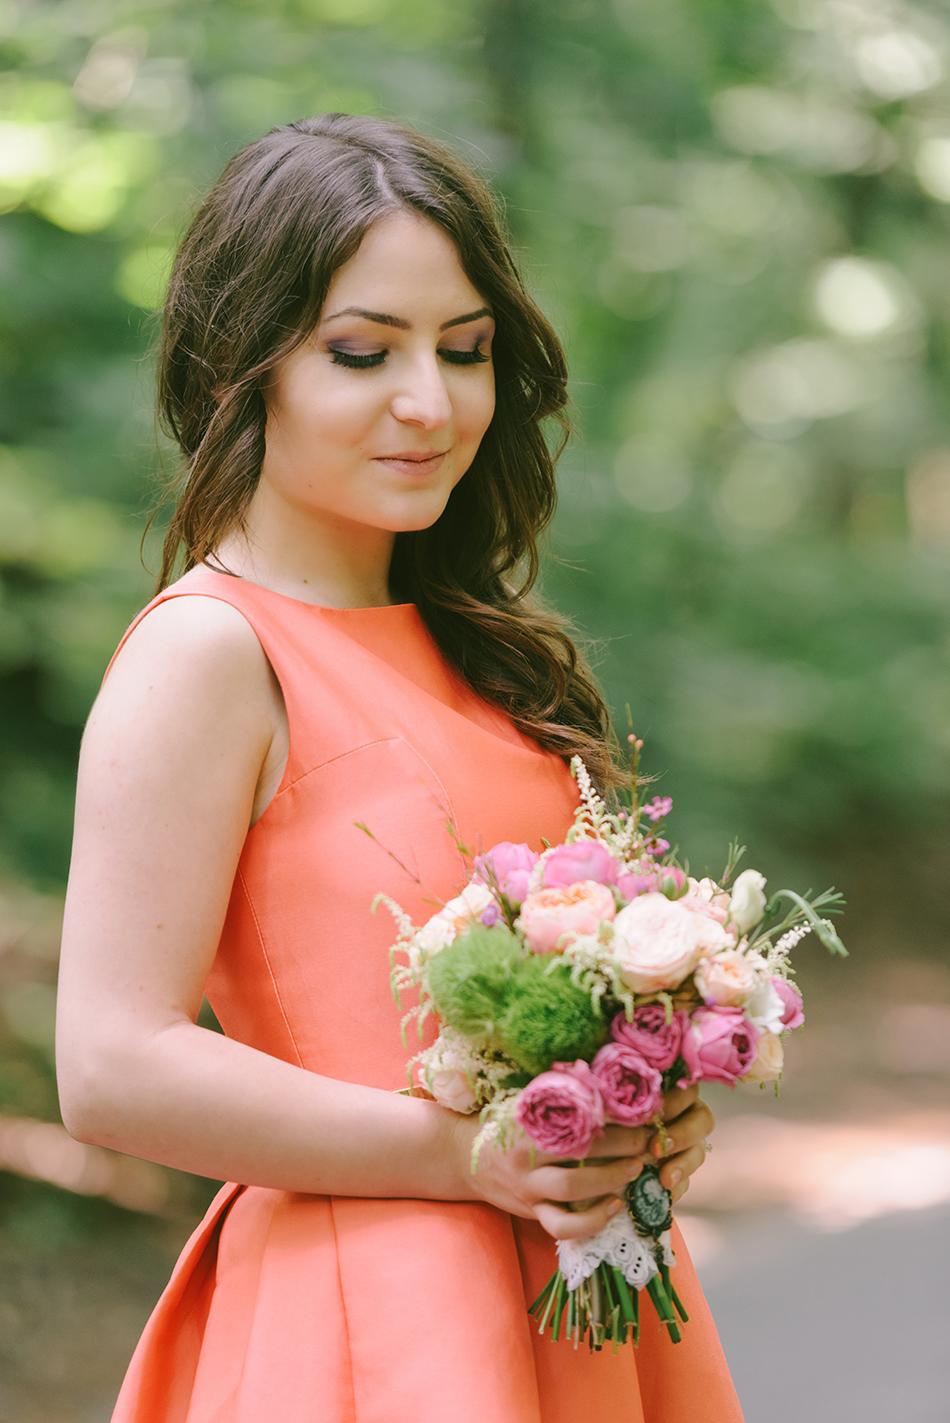 AD Passion Photography | fotograf-nunta-bucuresti_cununie_astrid-madalin_0038 | Adelin, Dida, fotograf profesionist, fotograf de nunta, fotografie de nunta, fotograf Timisoara, fotograf Craiova, fotograf Bucuresti, fotograf Arad, nunta Timisoara, nunta Arad, nunta Bucuresti, nunta Craiova